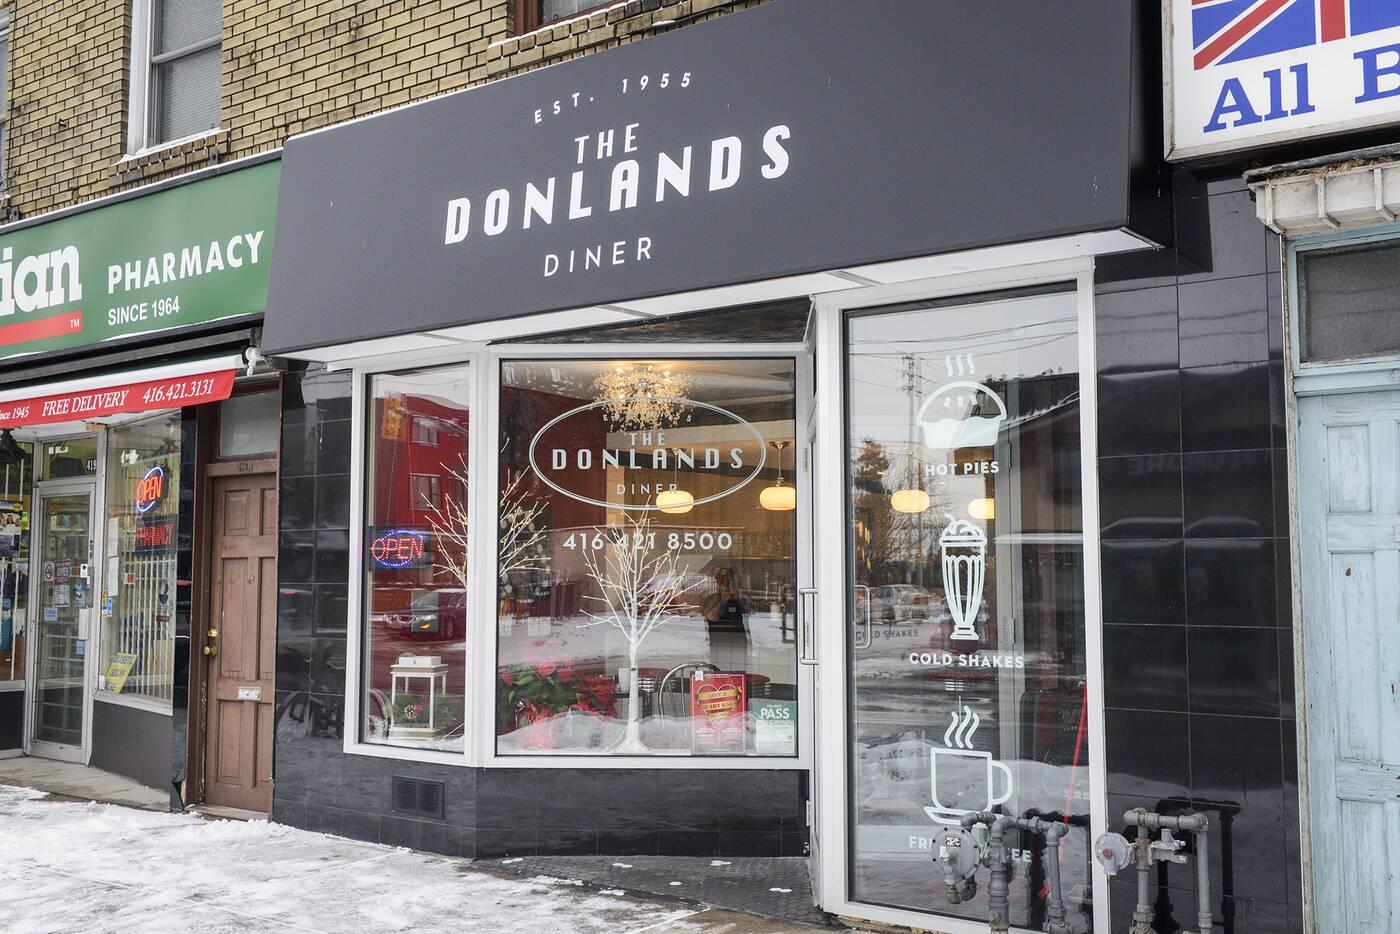 Donlands Diner Toronto